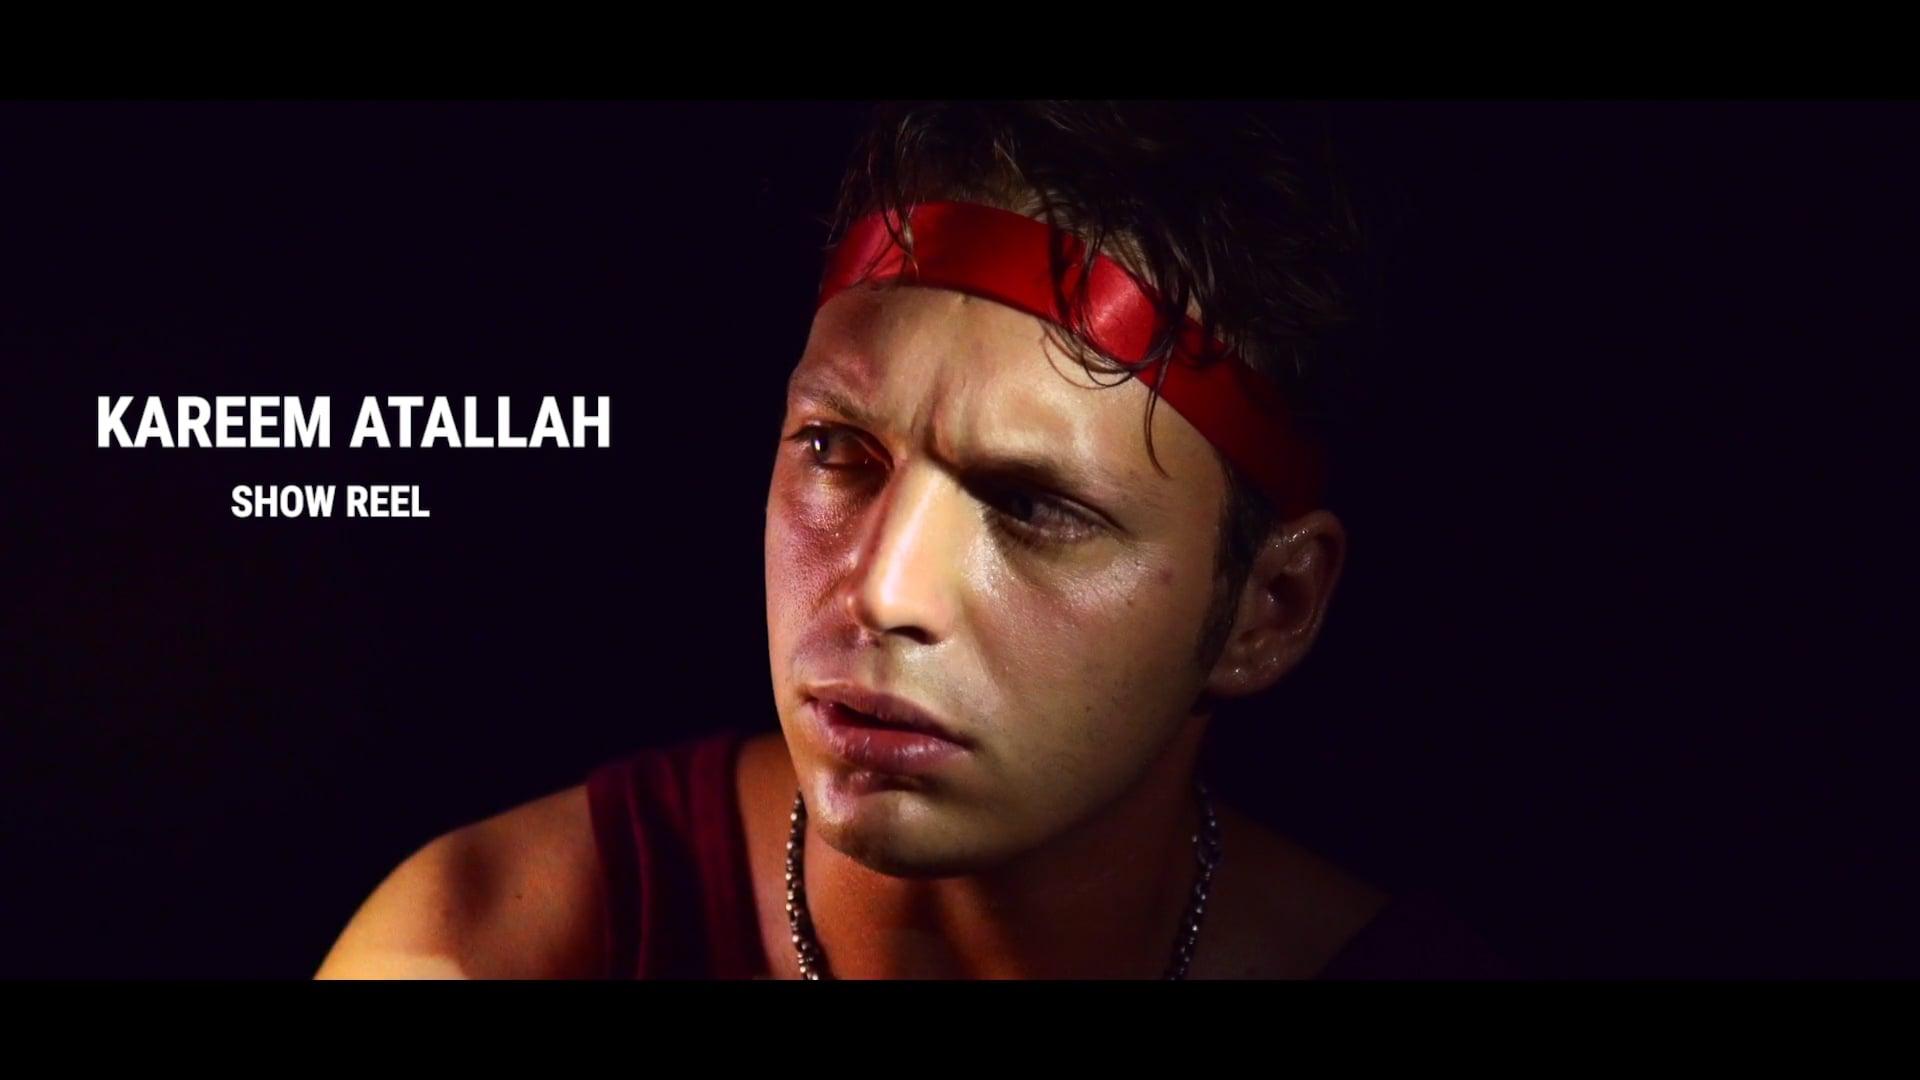 Kareem Atallah : DOP / DP Show Reel 2020